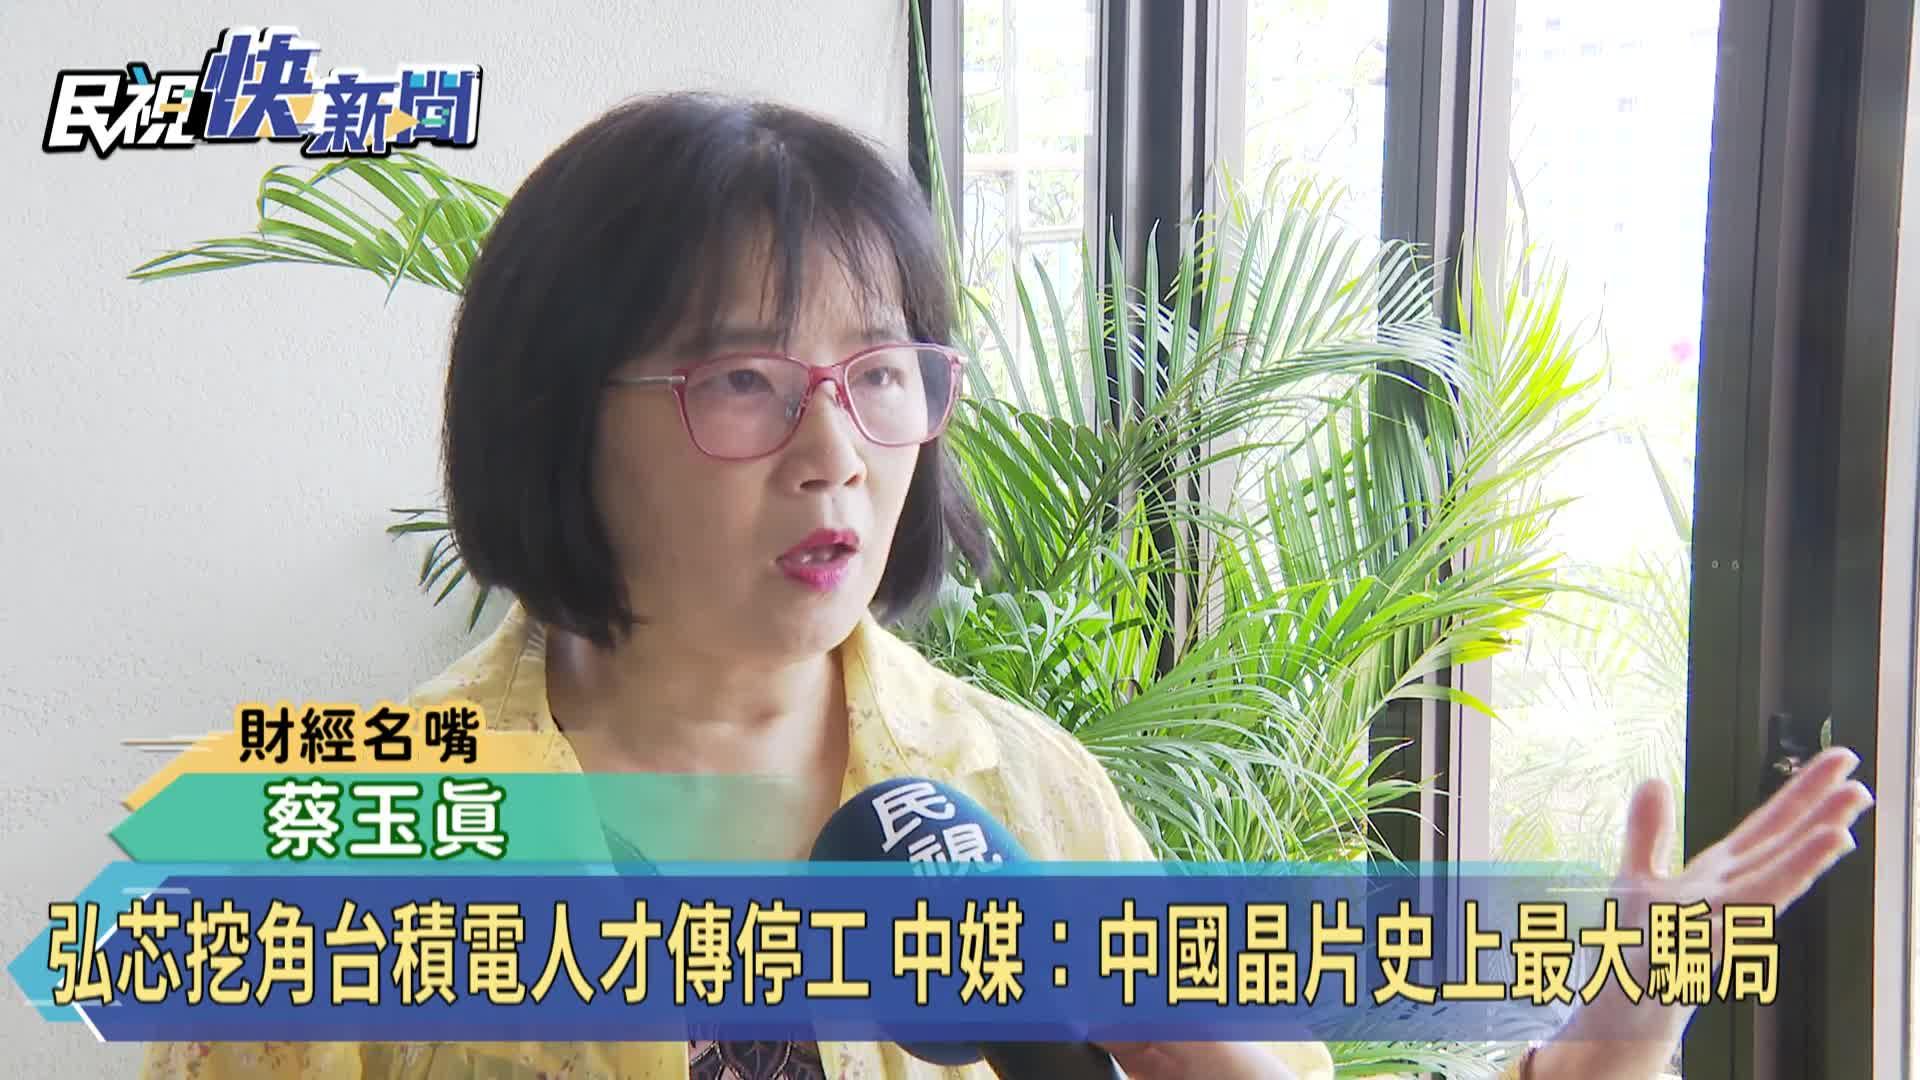 弘芯挖角台積電人才傳停工 中媒:中國晶片史上最大騙局